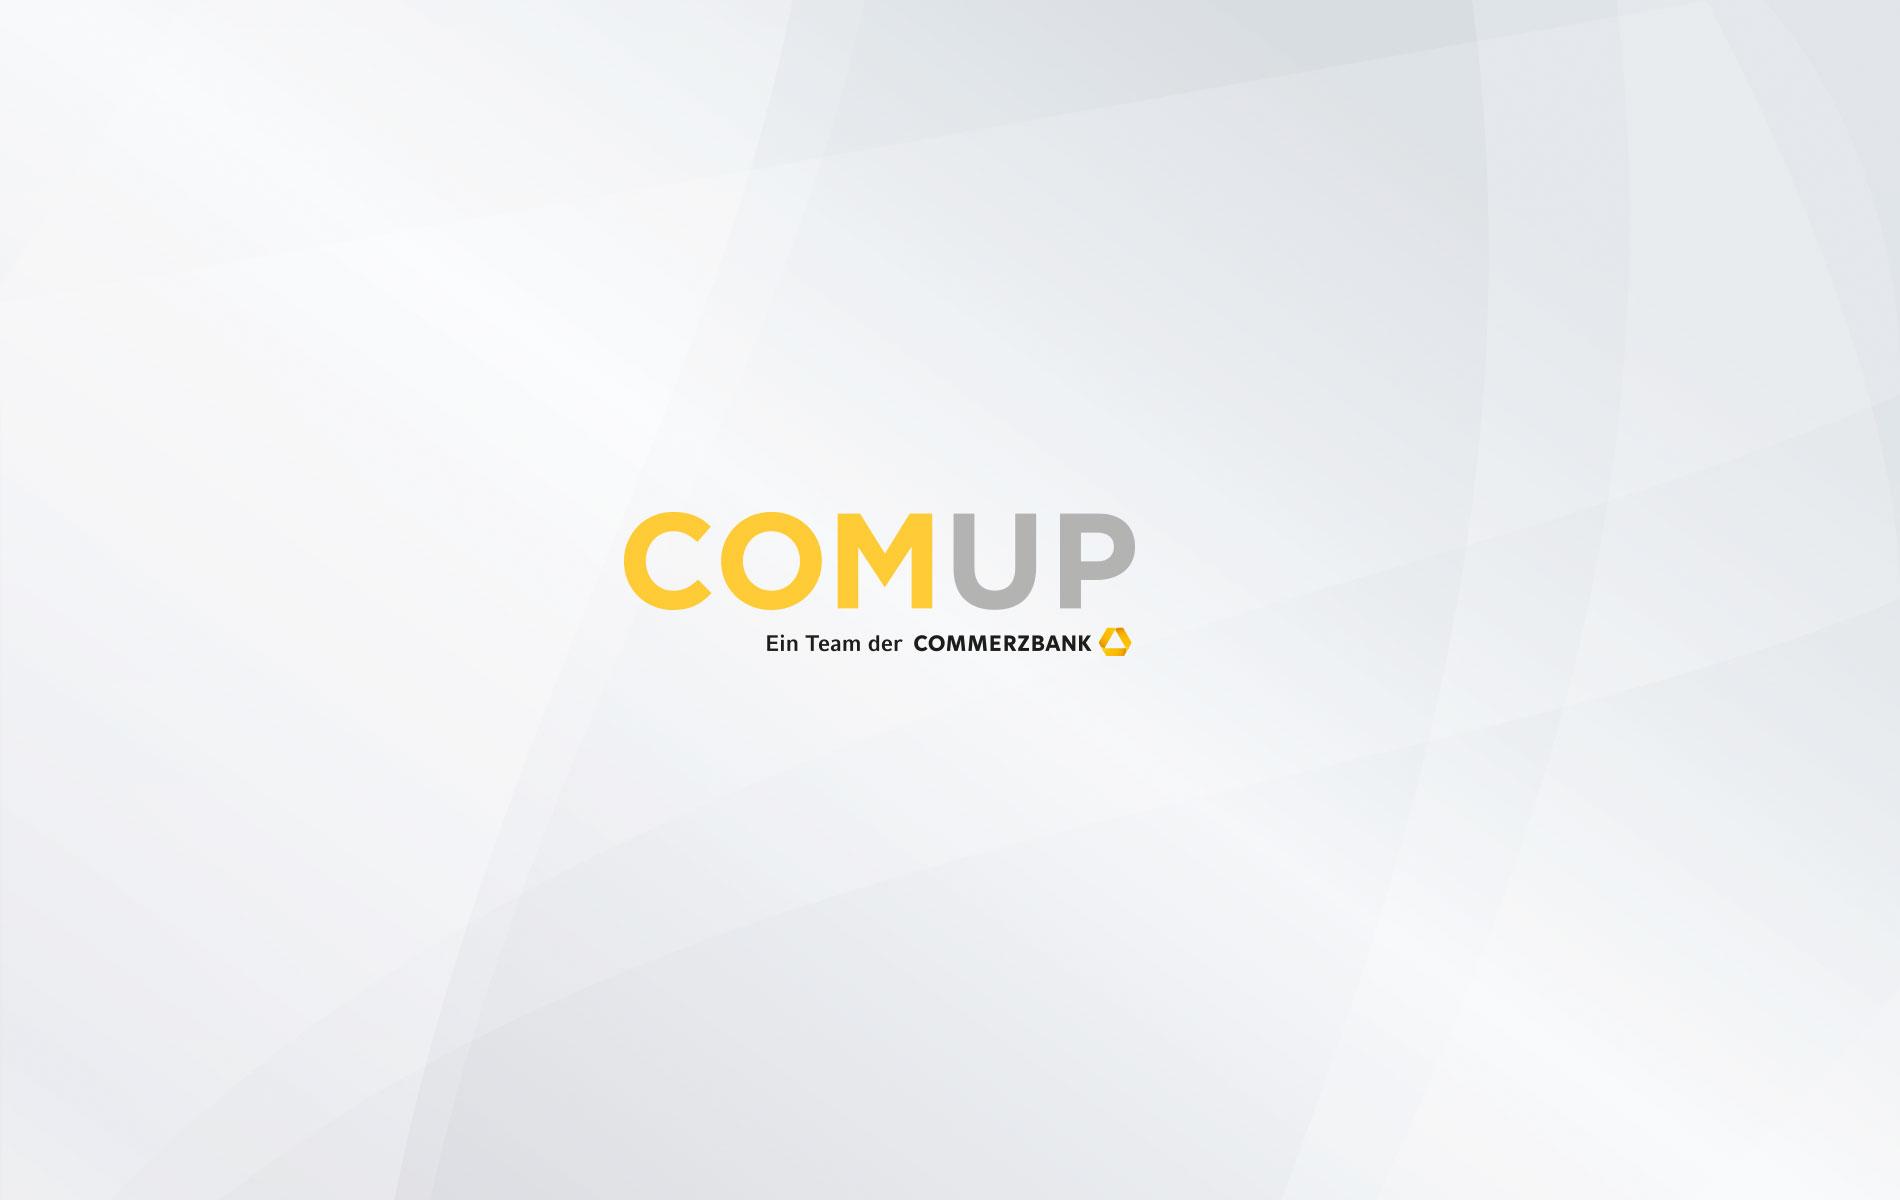 Markenname: Die Startup-Beratung der Commerzbank AG heißt COMUP